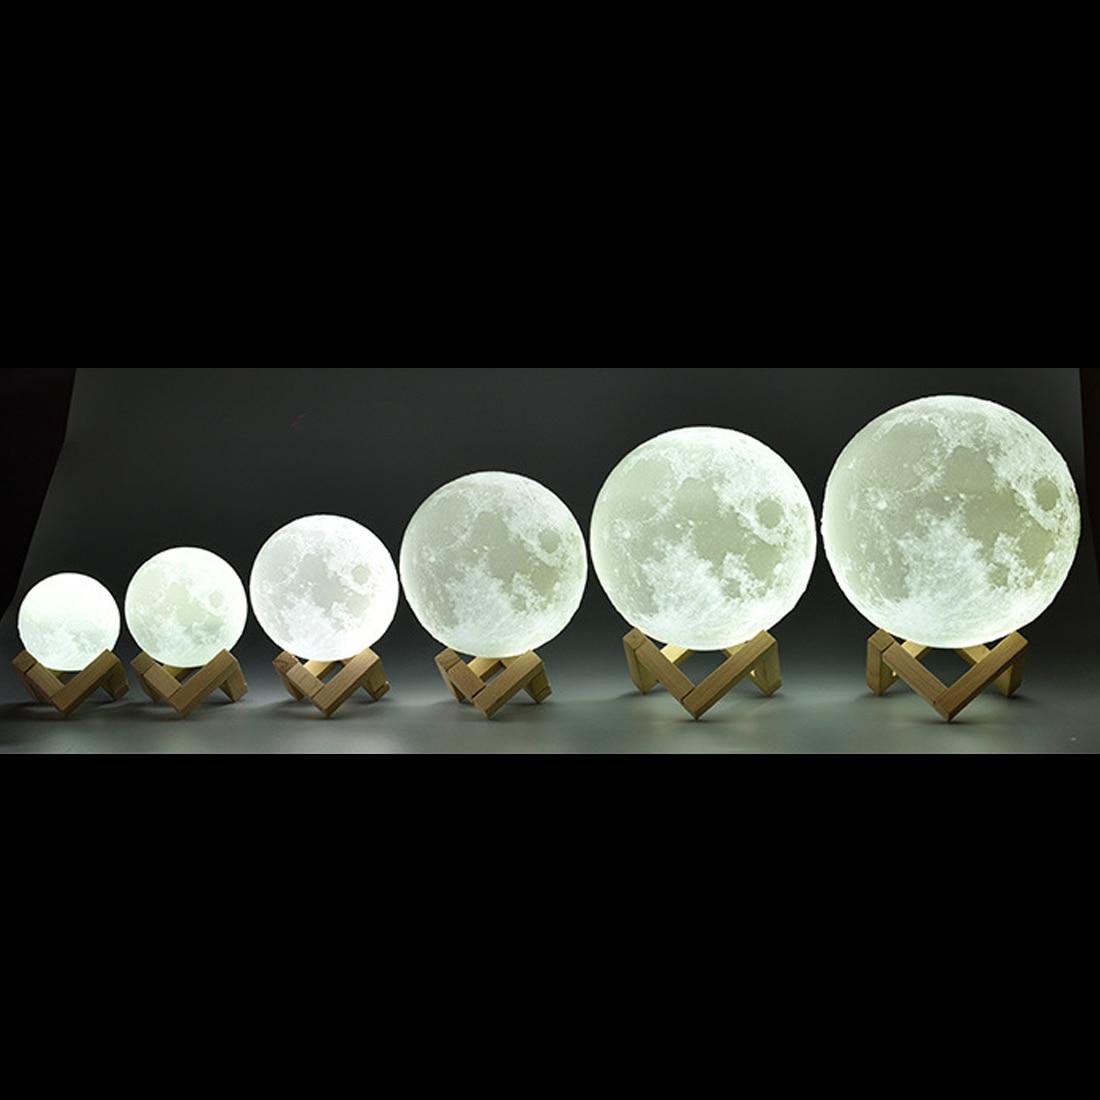 ชาร์จ Moon 2 สีเปลี่ยน 3D สวิทช์ 3D พิมพ์โคมไฟดวงจันทร์ห้องนอนตู้หนังสือ Creative ของขวัญ